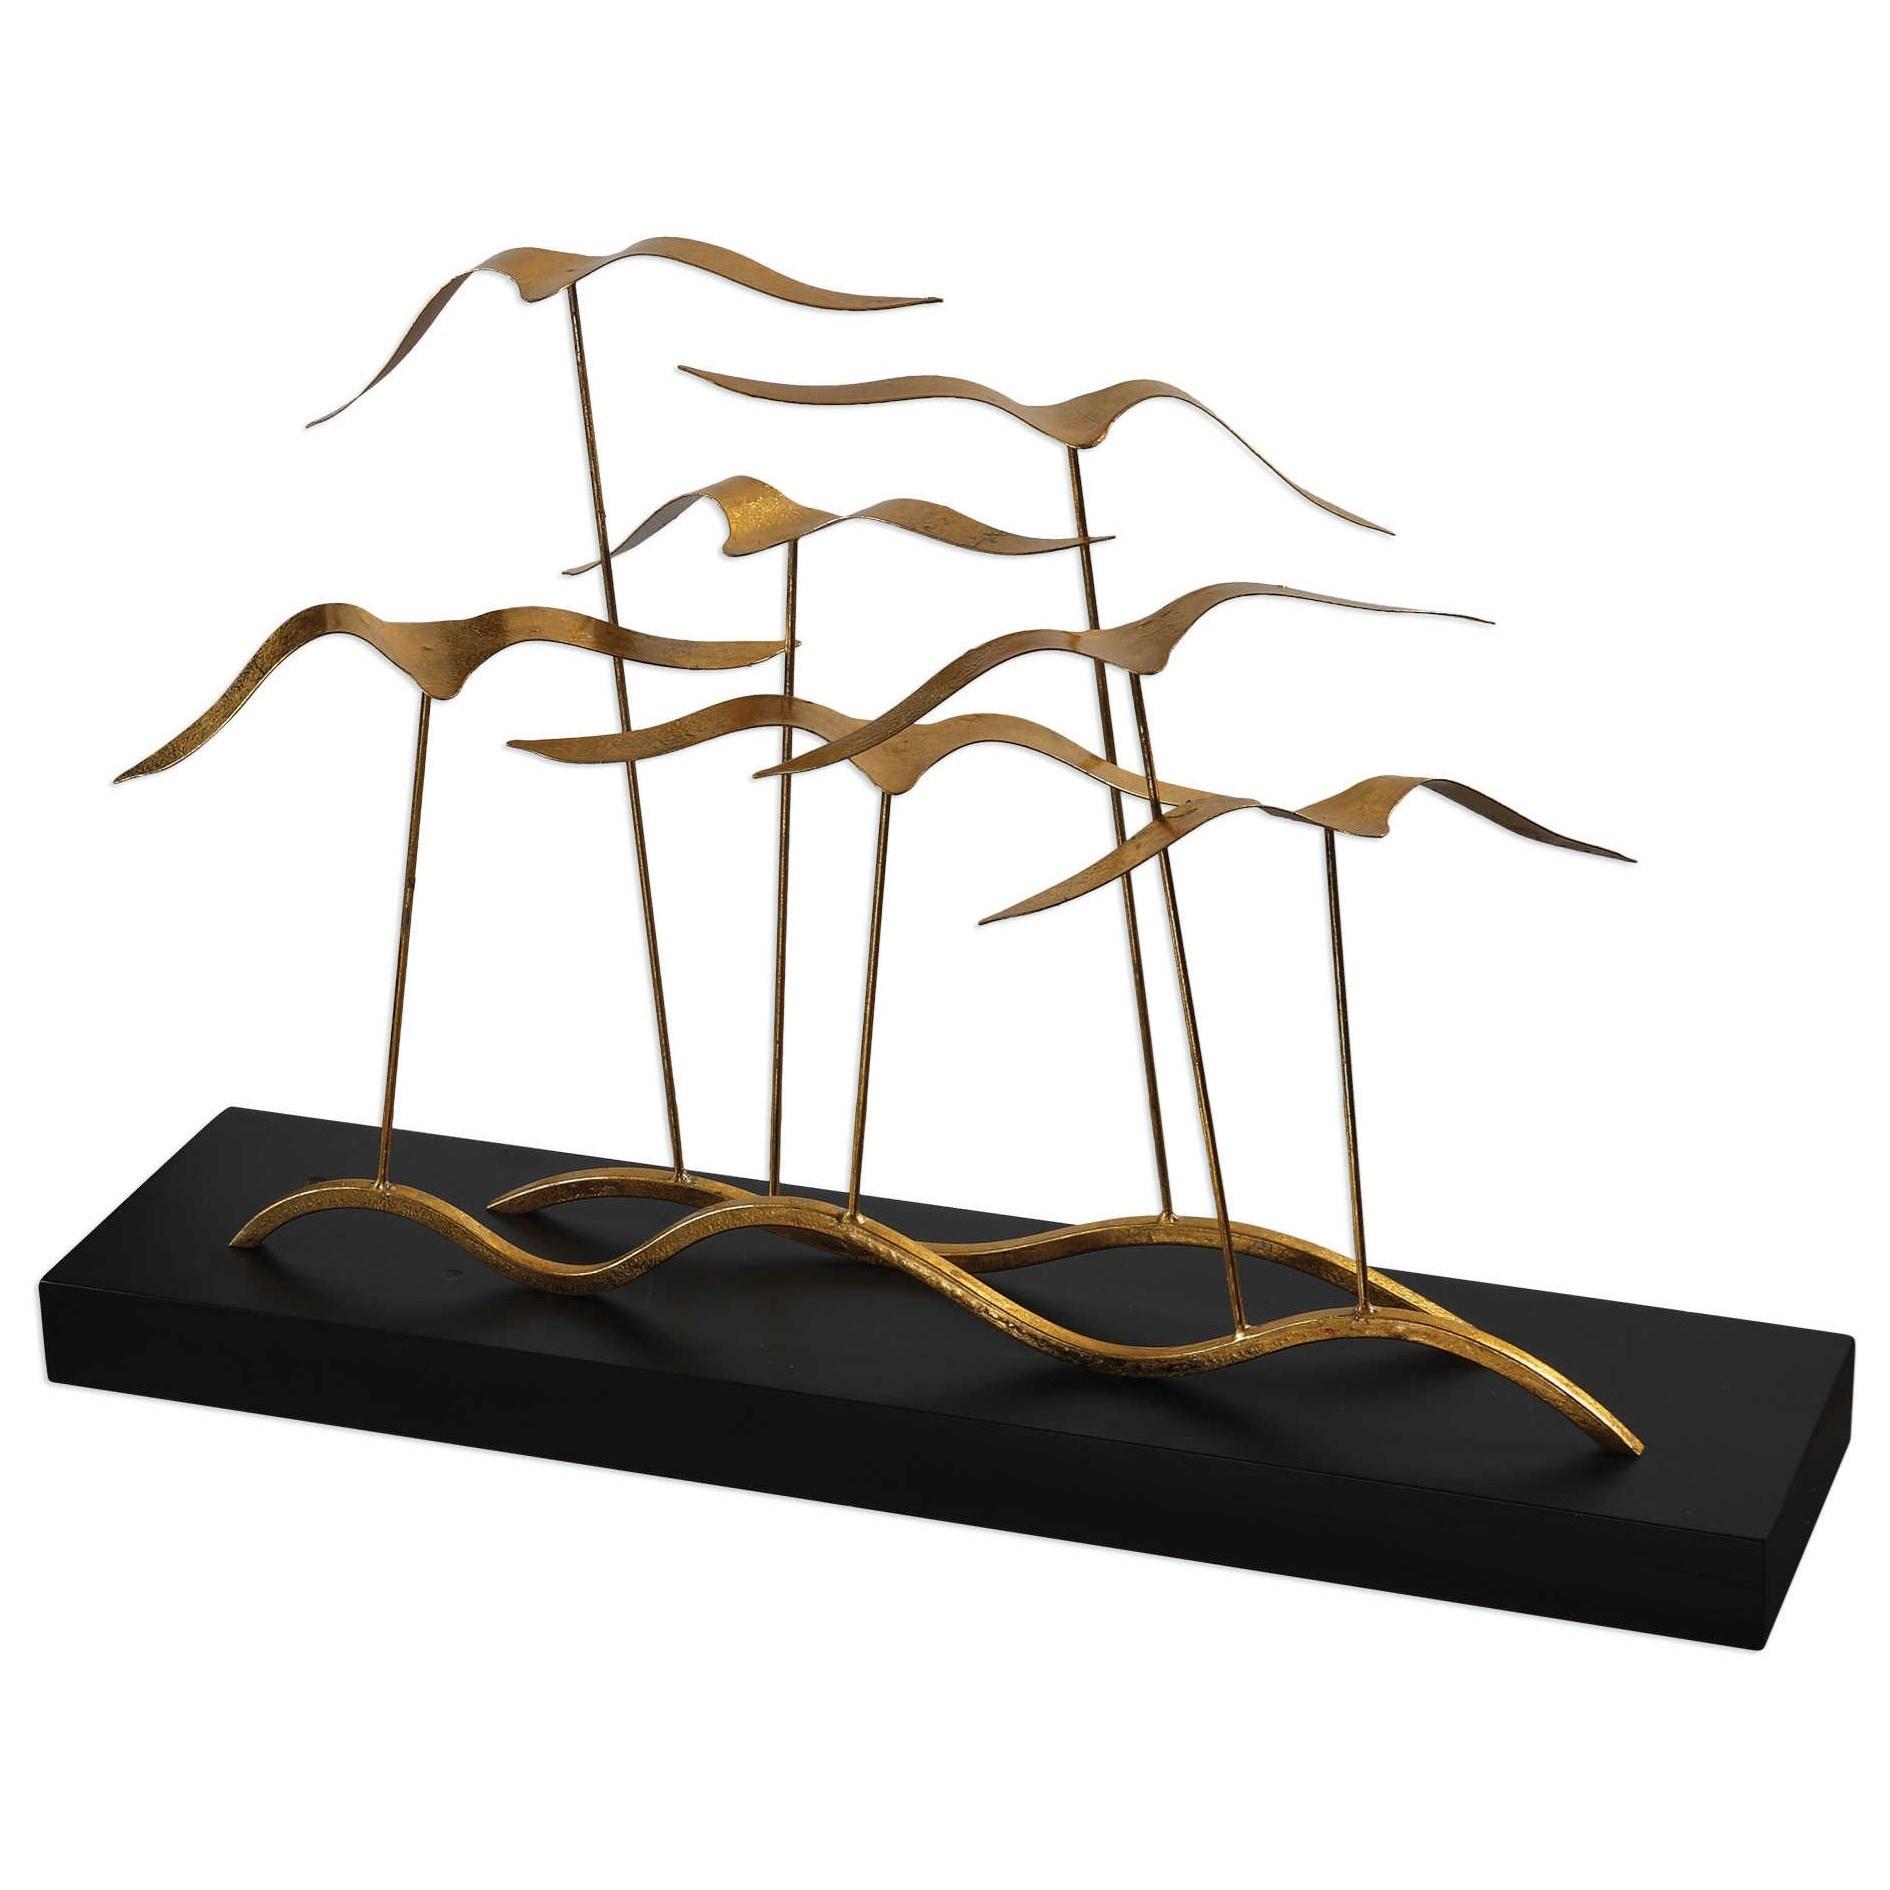 Flock of Seagulls Sculpture